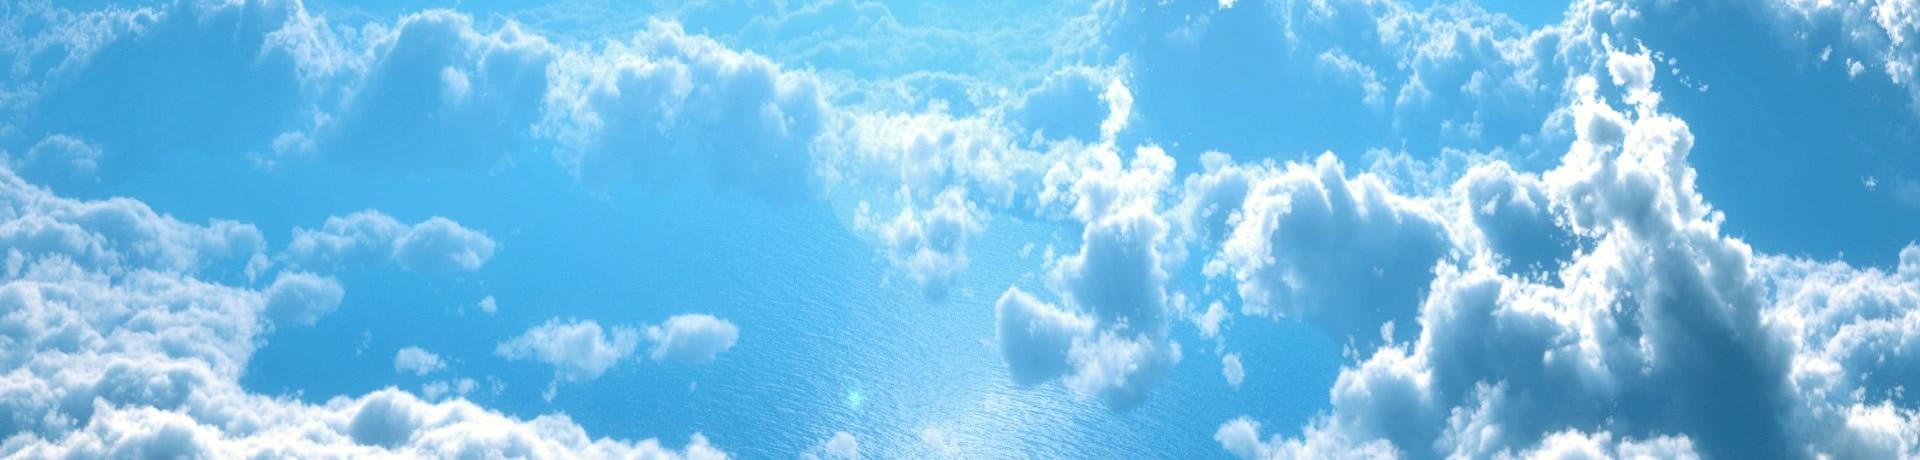 clouds_1920x460